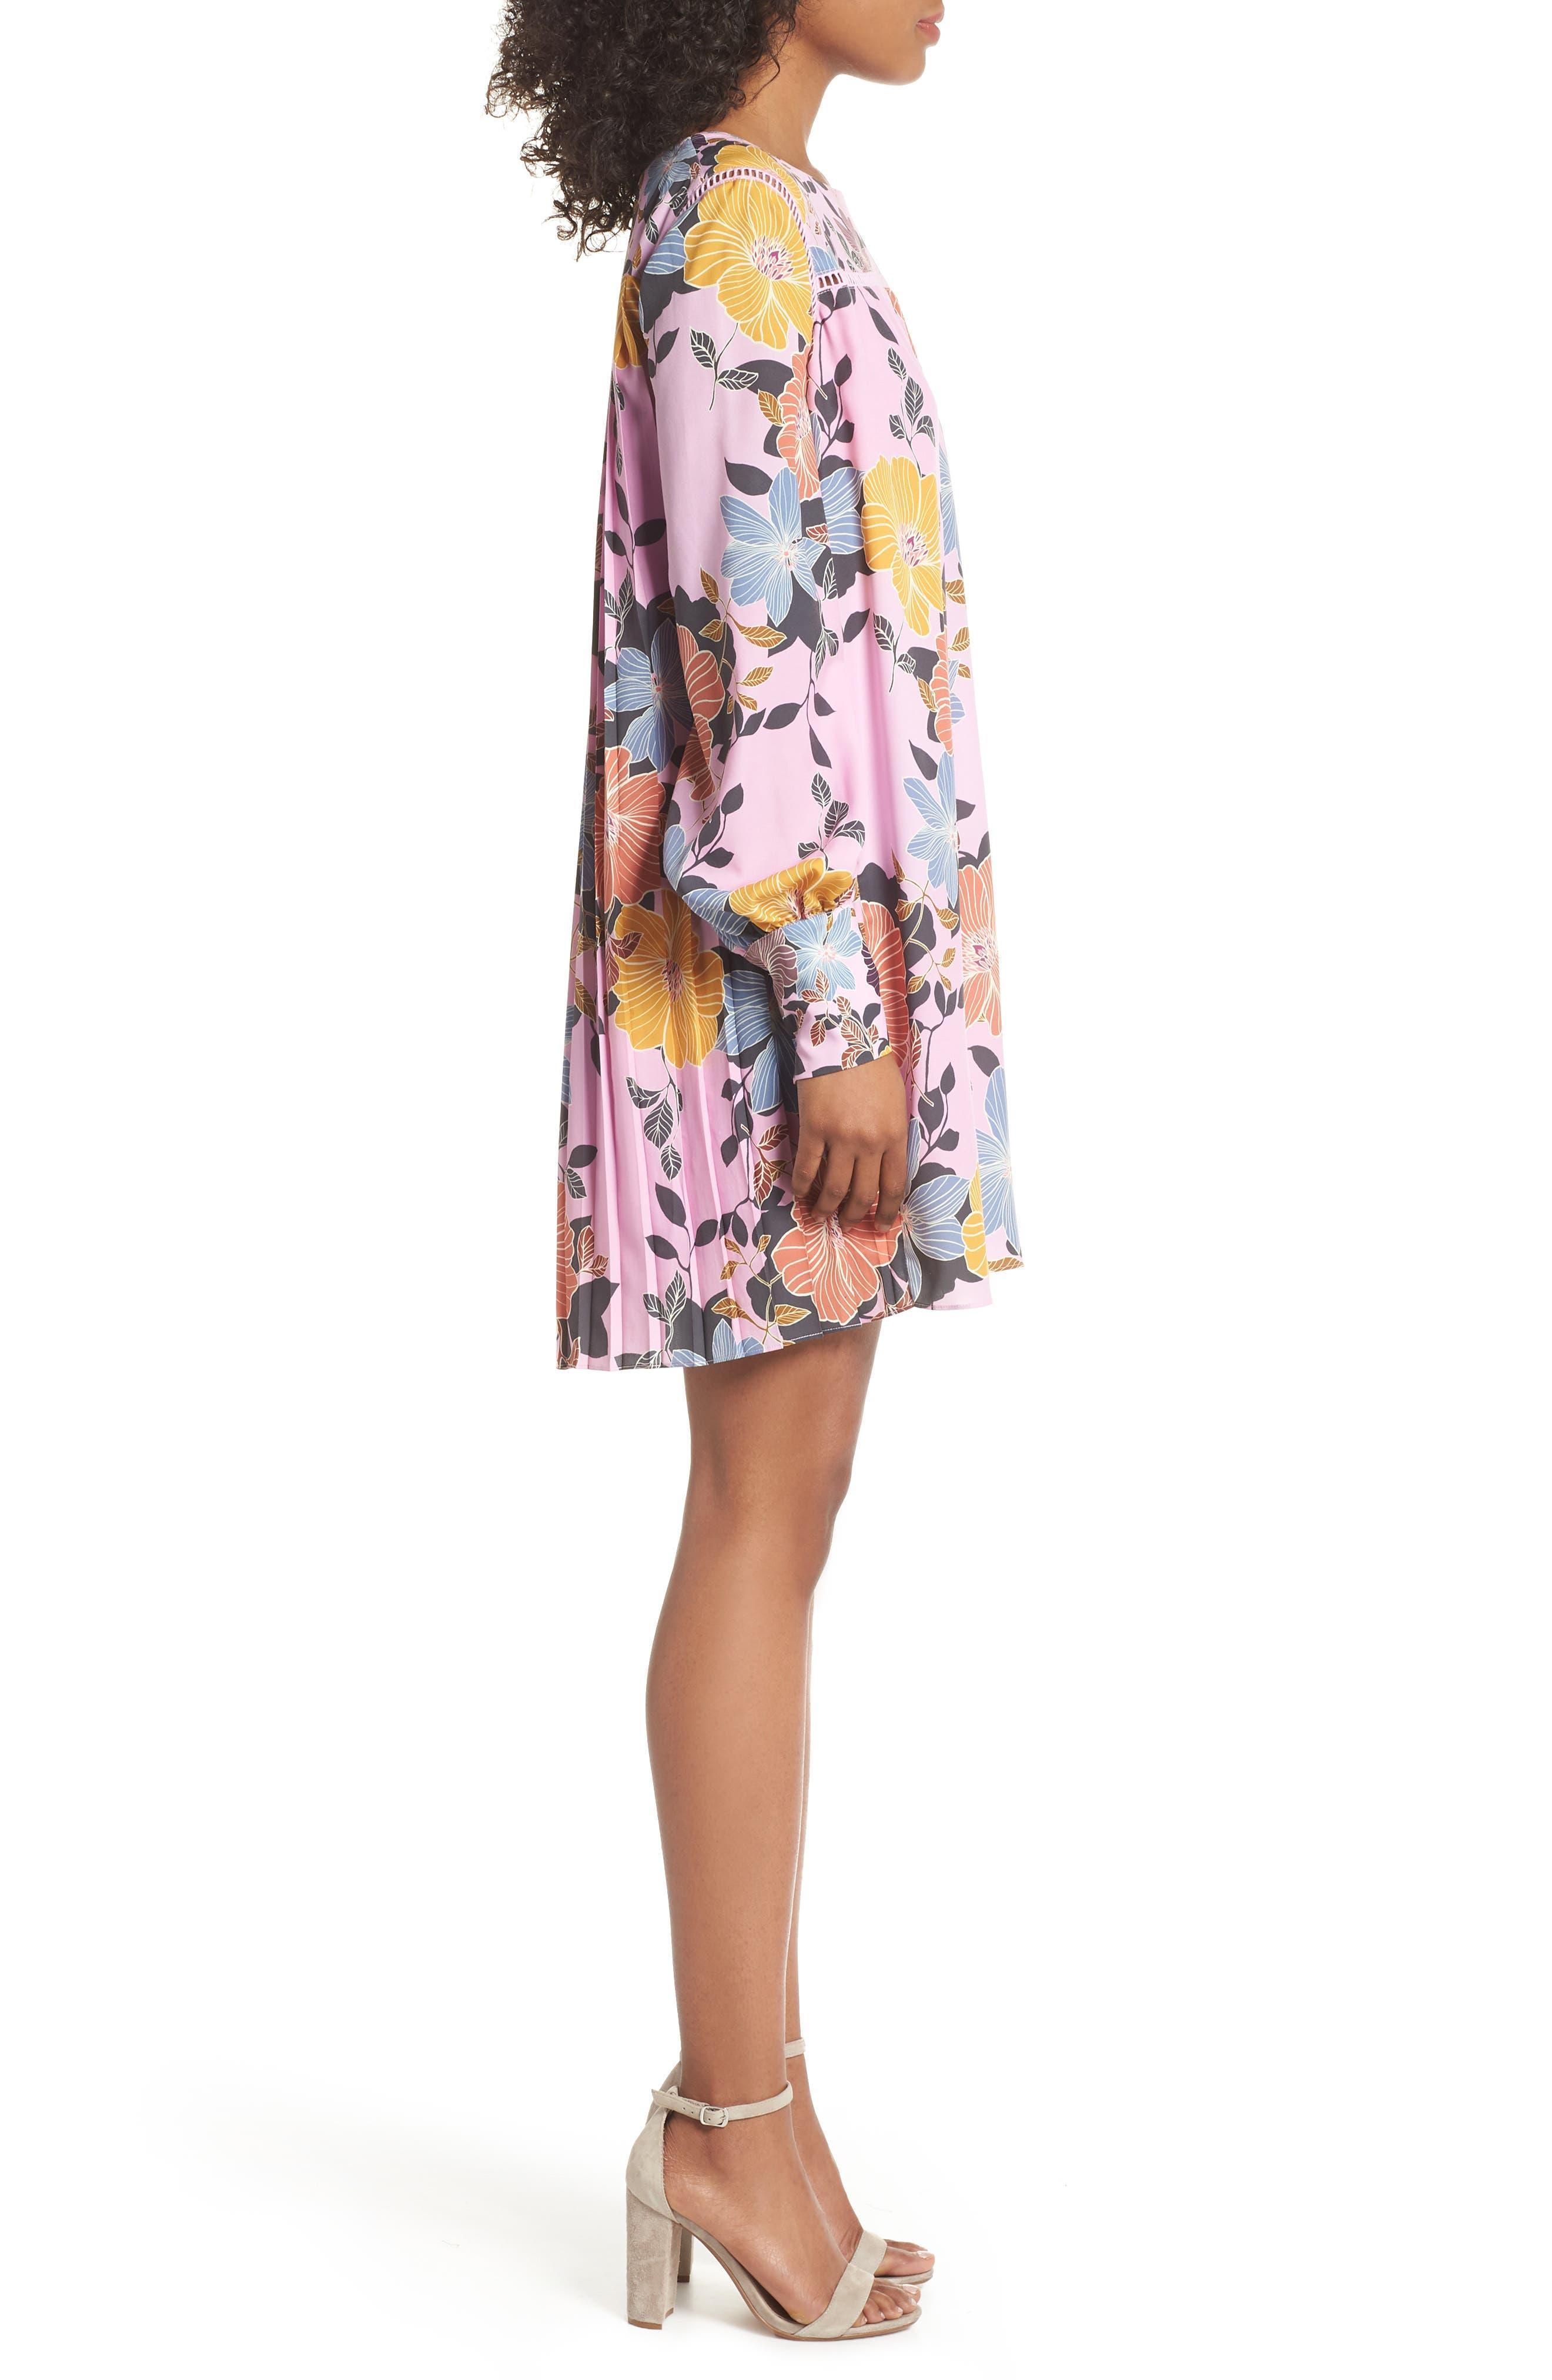 Shikoku Floral Crepe Shift Dress,                             Alternate thumbnail 3, color,                             Violet Vice Multi